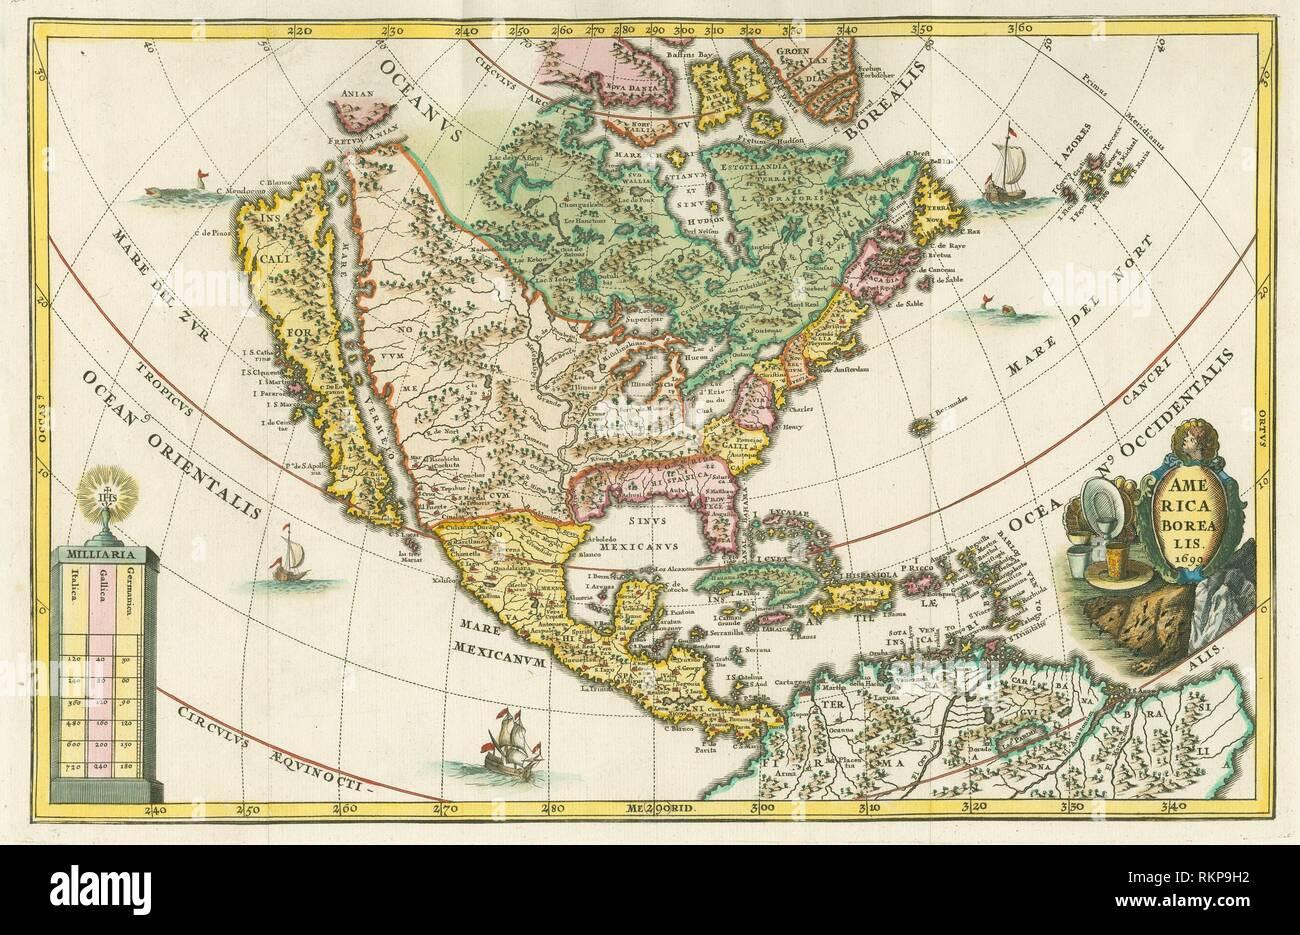 Indianerstamme Nordamerikas Karte.Karte Von Amerika 1800 Stockfotos Karte Von Amerika 1800